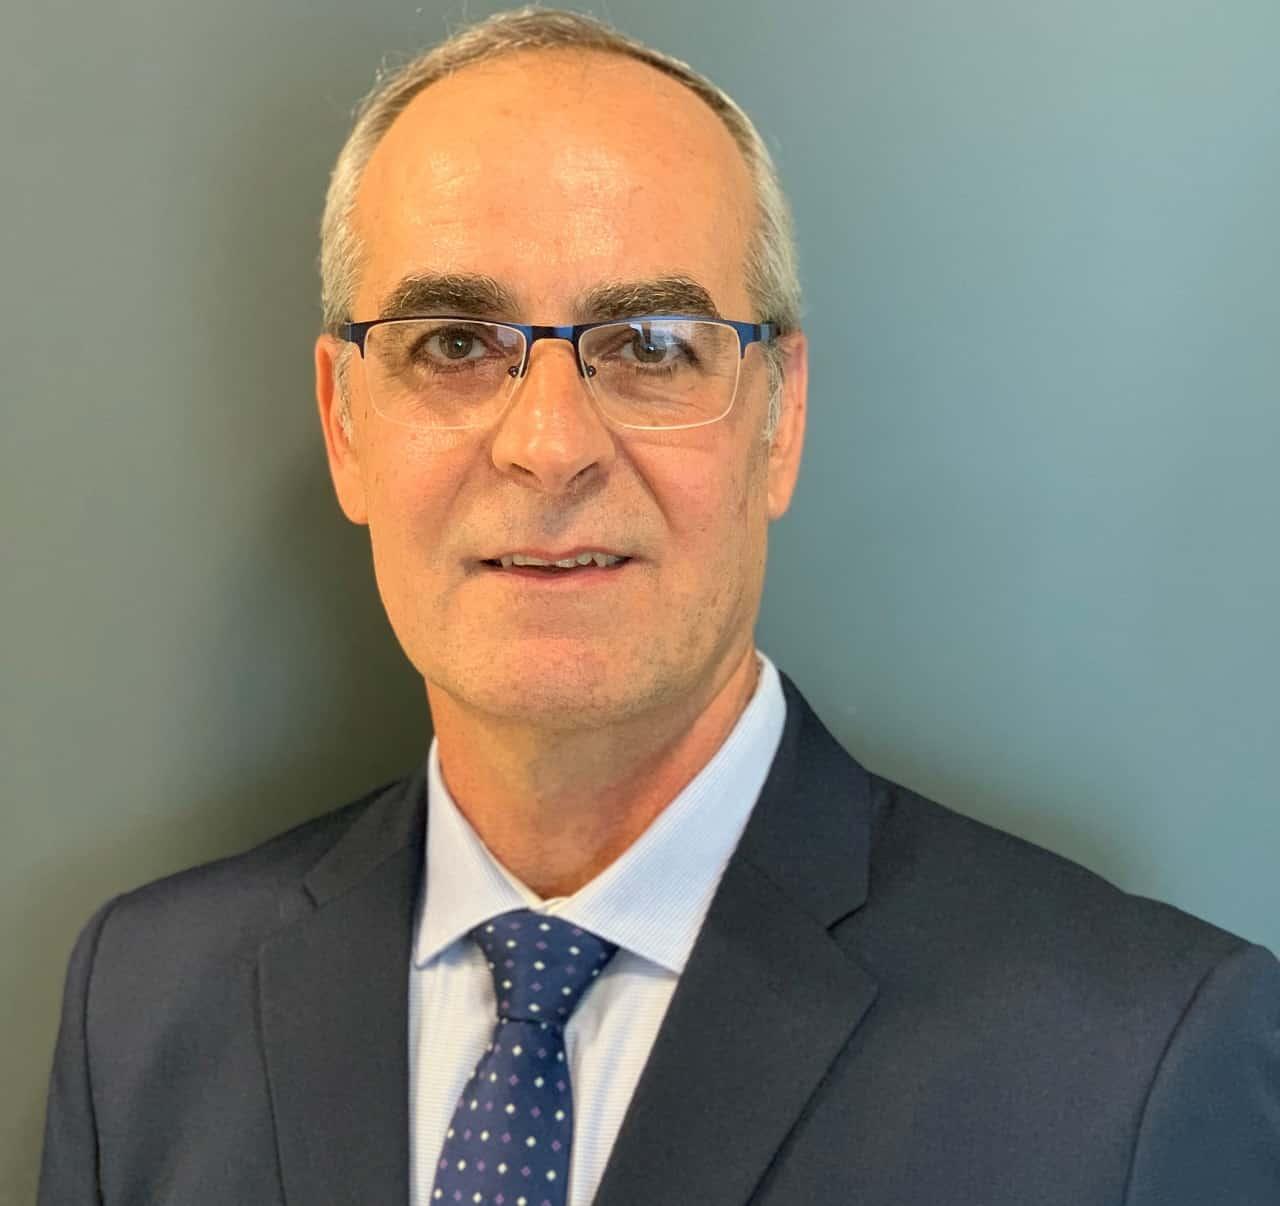 טובי כוכב, שותף וסמנכל טכנולוגיה ב- Deloitte. צילום- שיווק דלויט